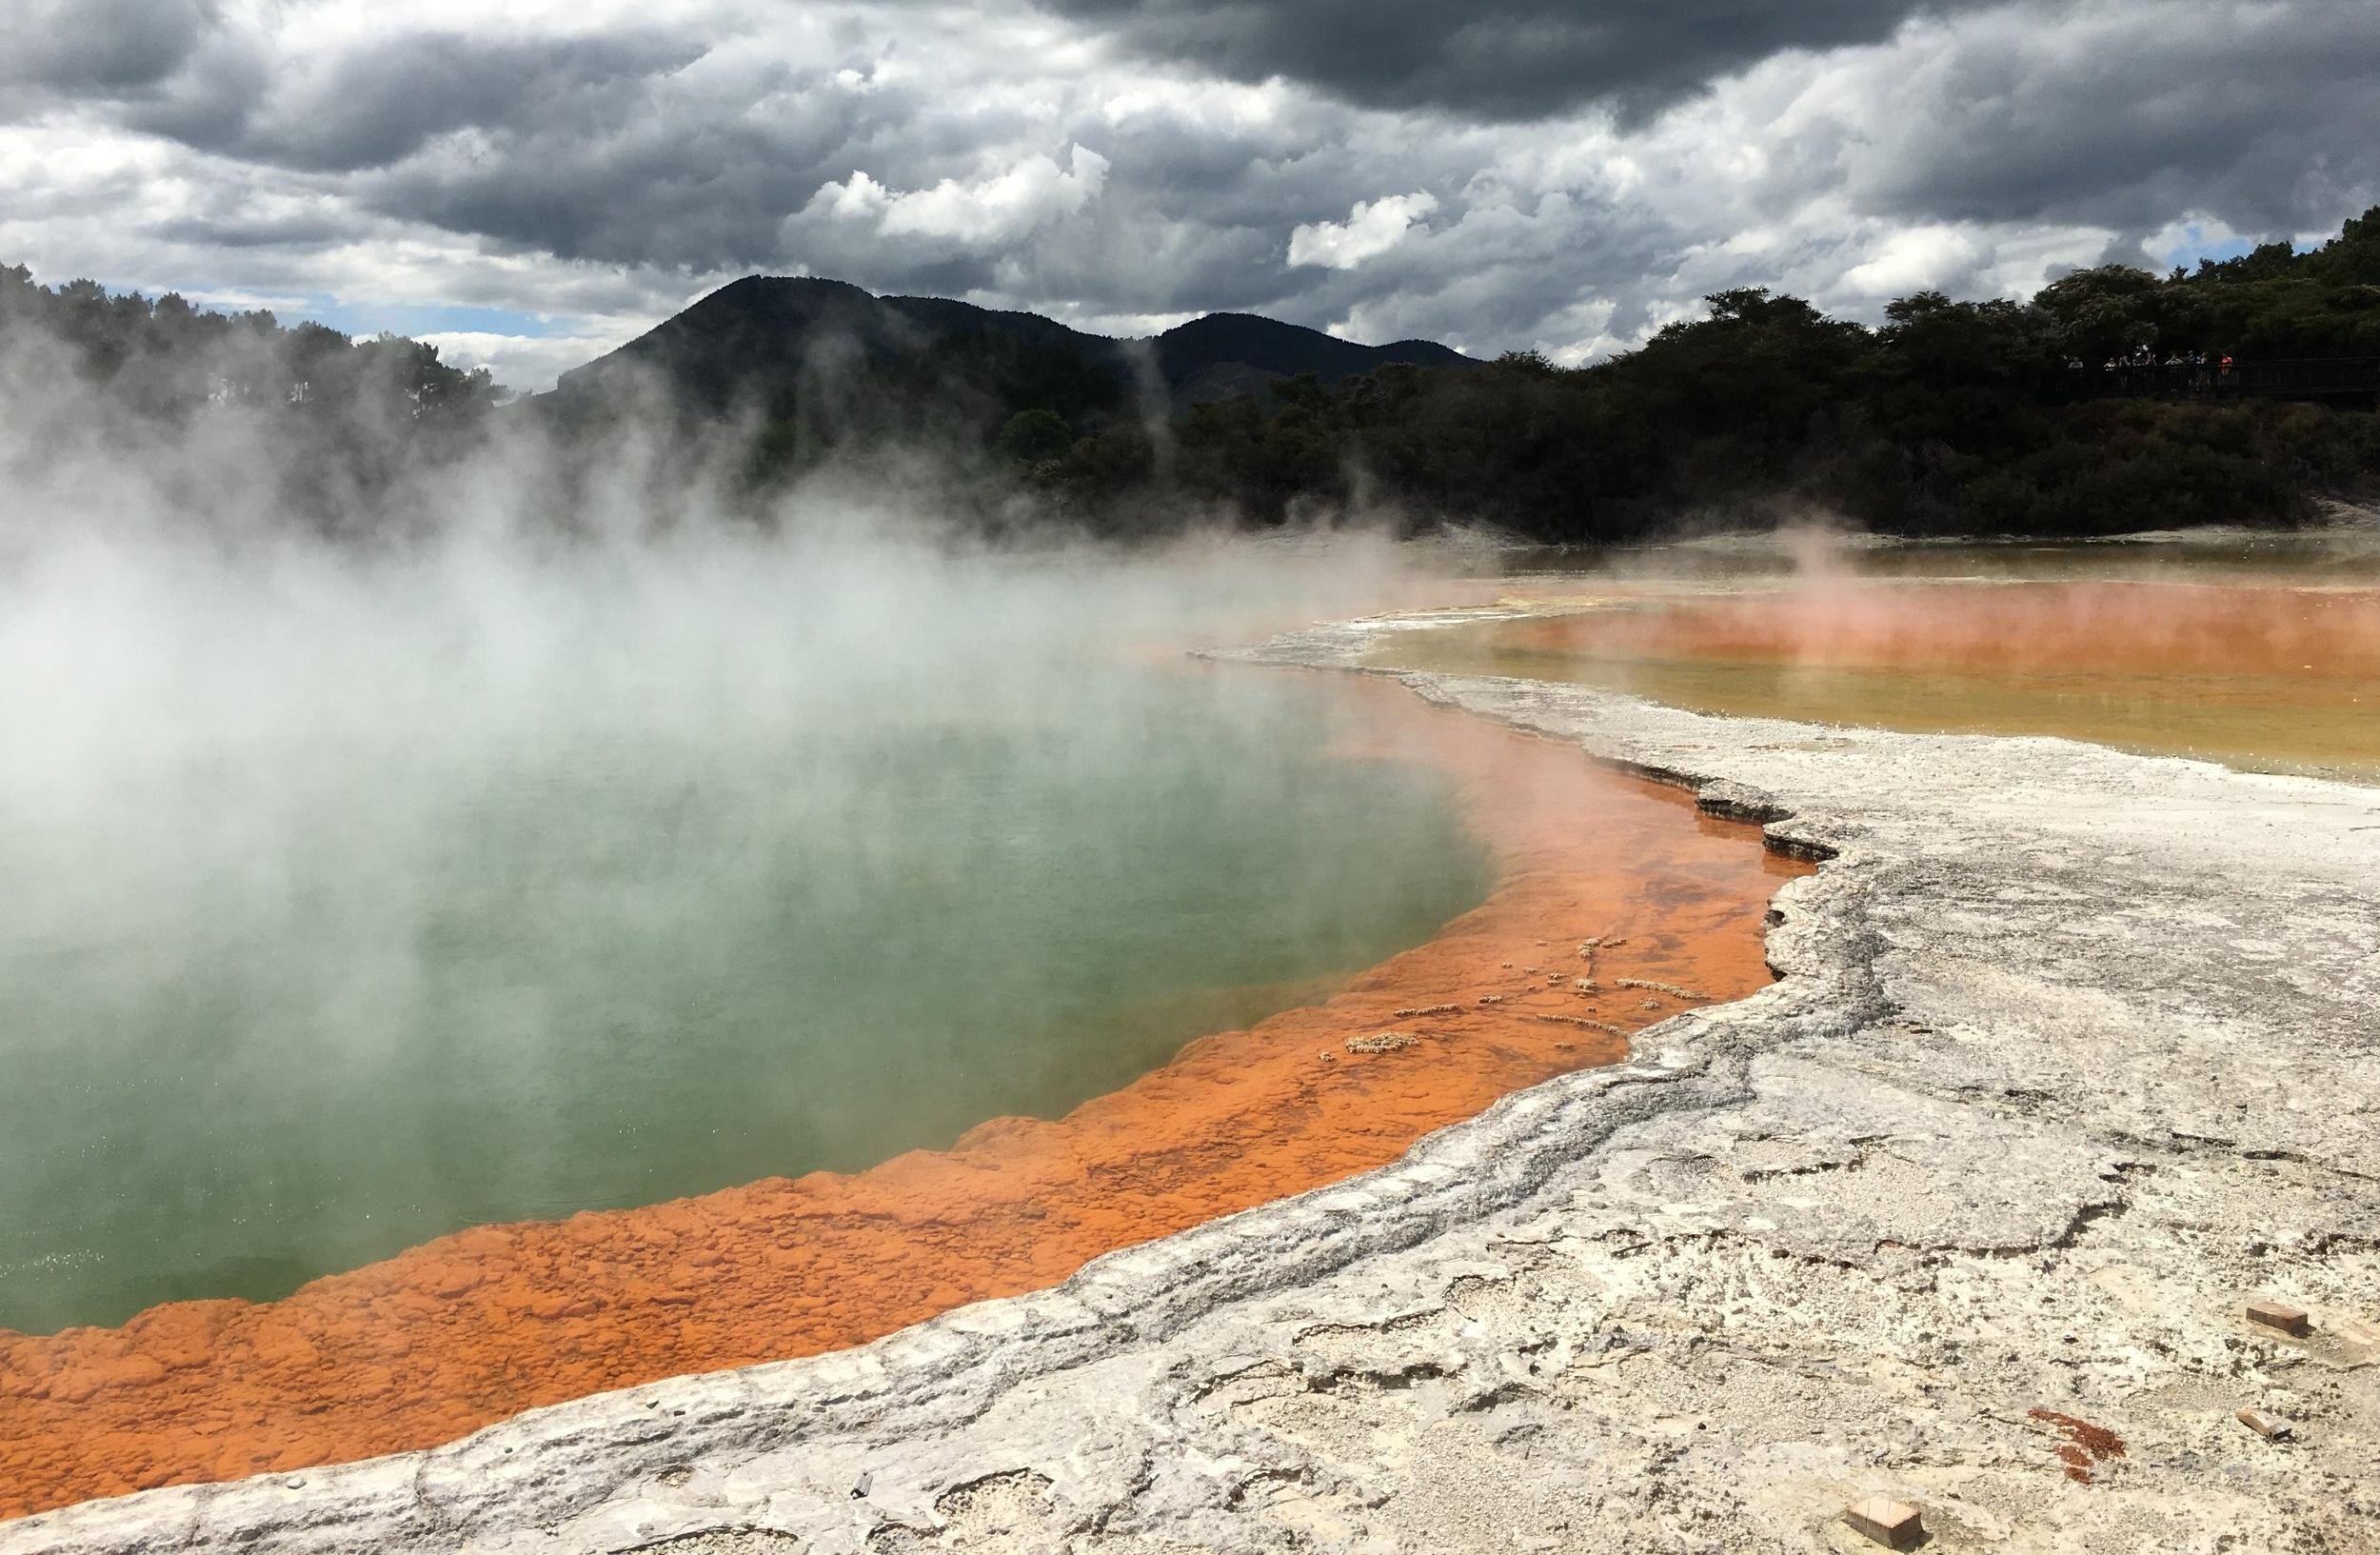 Rotorua Tour including Wai-O-Tapu - From $199 Per Peron